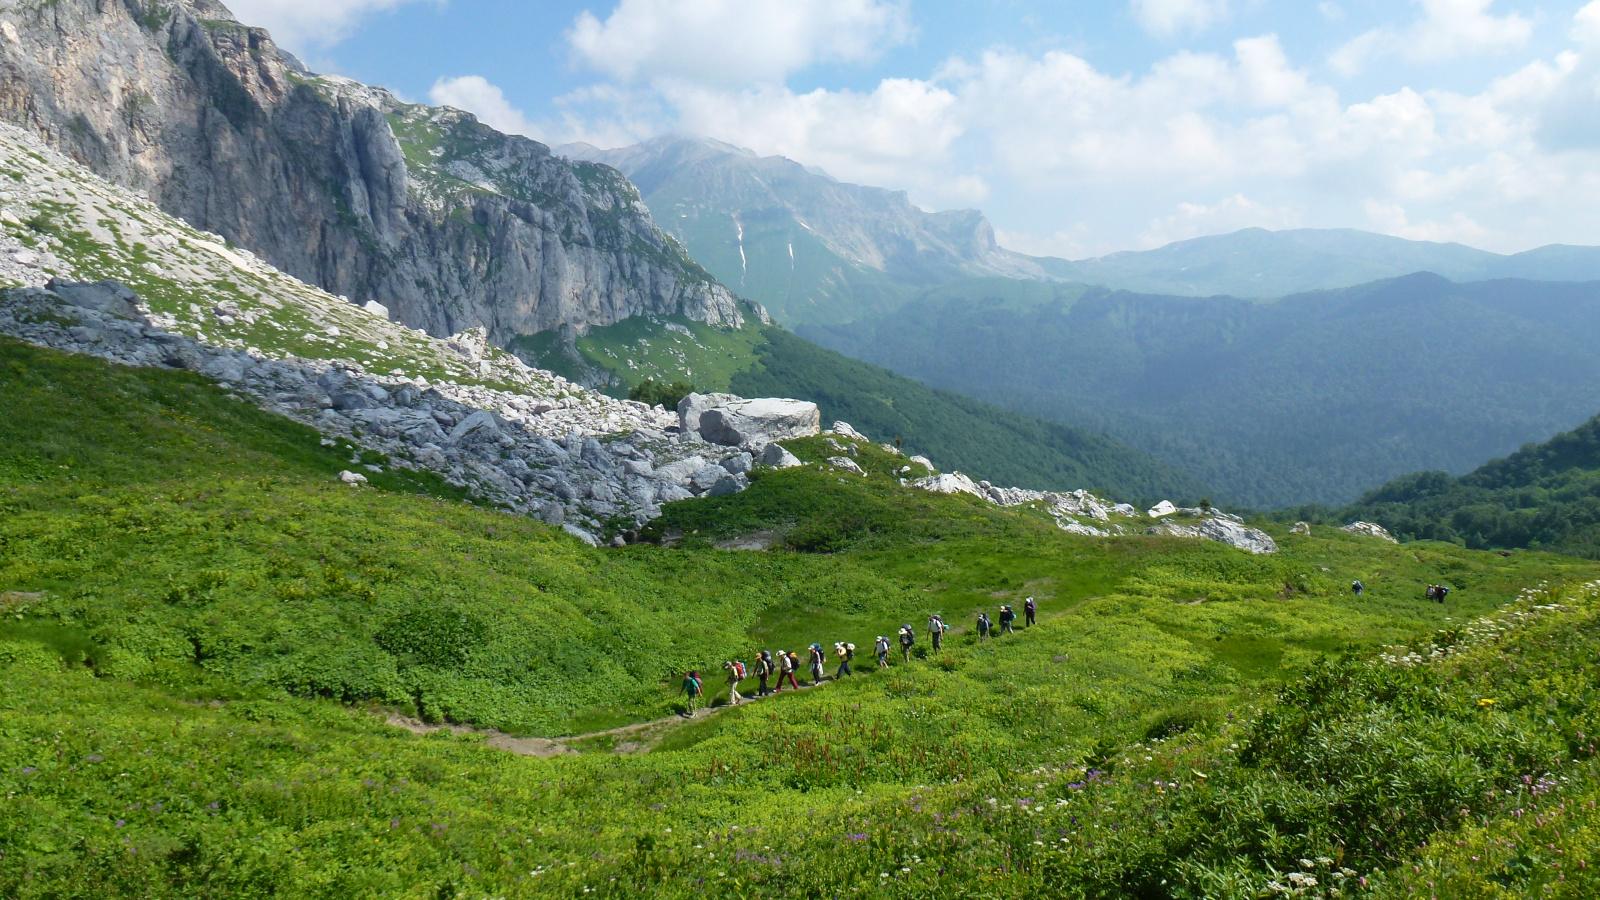 Звуки гор кажутся человеку особой музыкой, успокаивающей его душу, к которой он так долго стремился, по которой бессознательно тосковал. Люди вспоминают отдых на природе,в горах, приключения, которые с ними произошли.